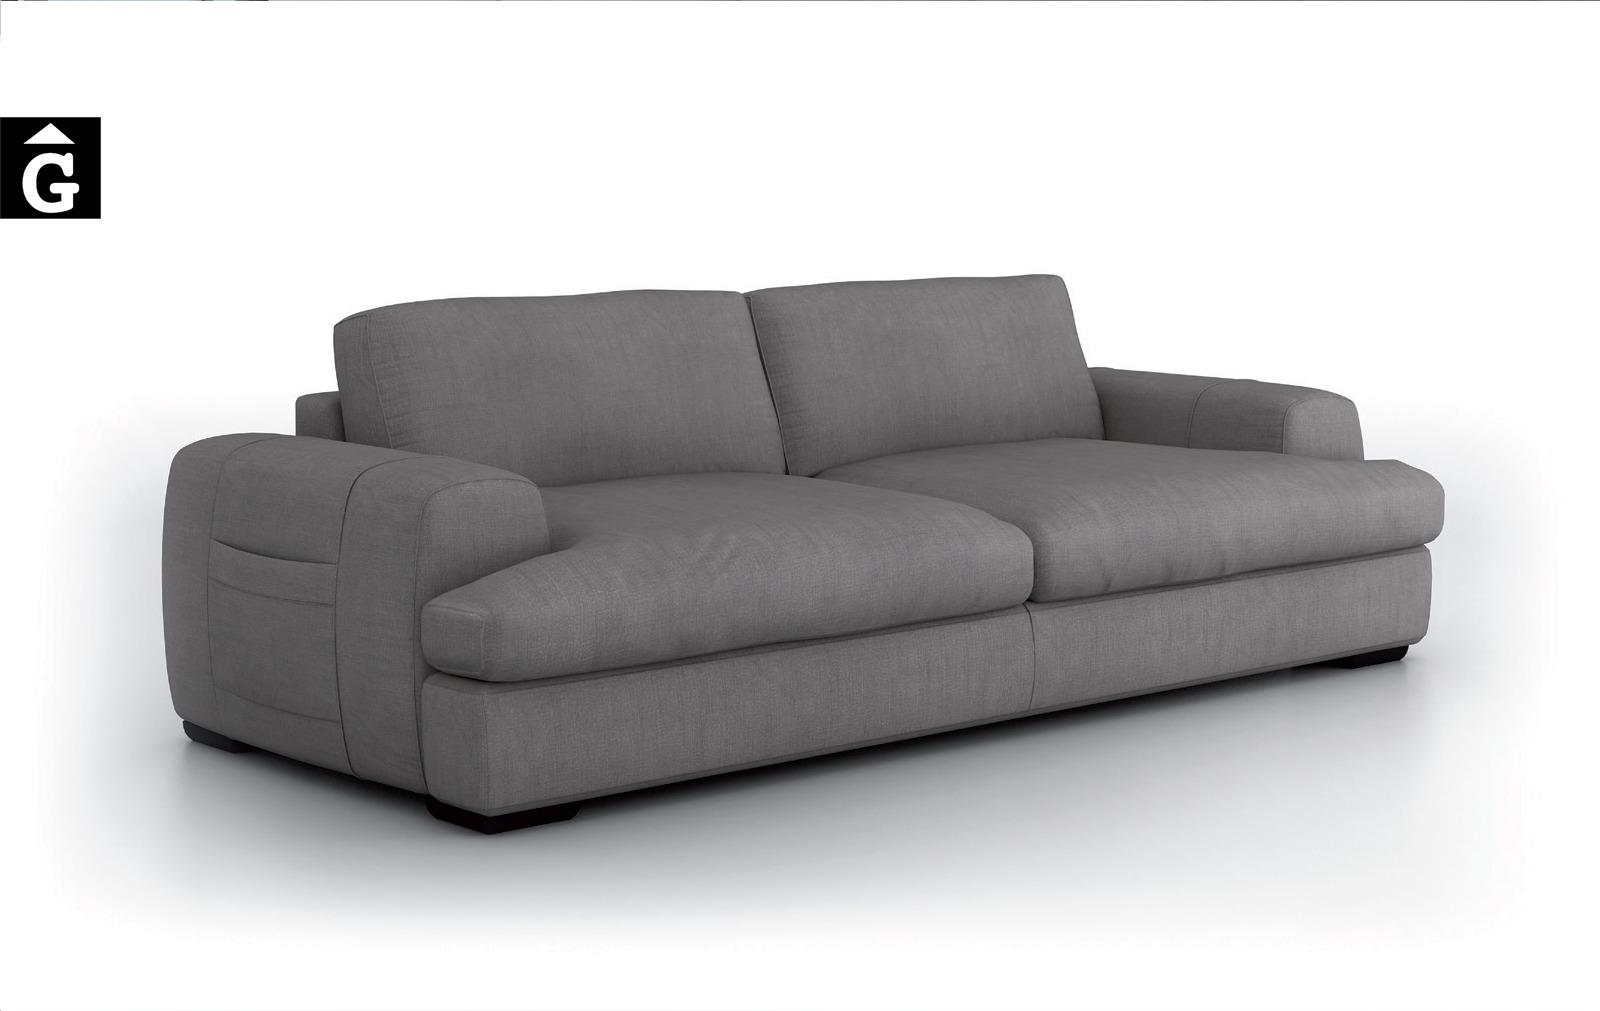 Jaja sofà Moradillo by mobles Gifreu tapisseria de qualitat sofas relax llits puff pouf chaixelongues butaques sillons